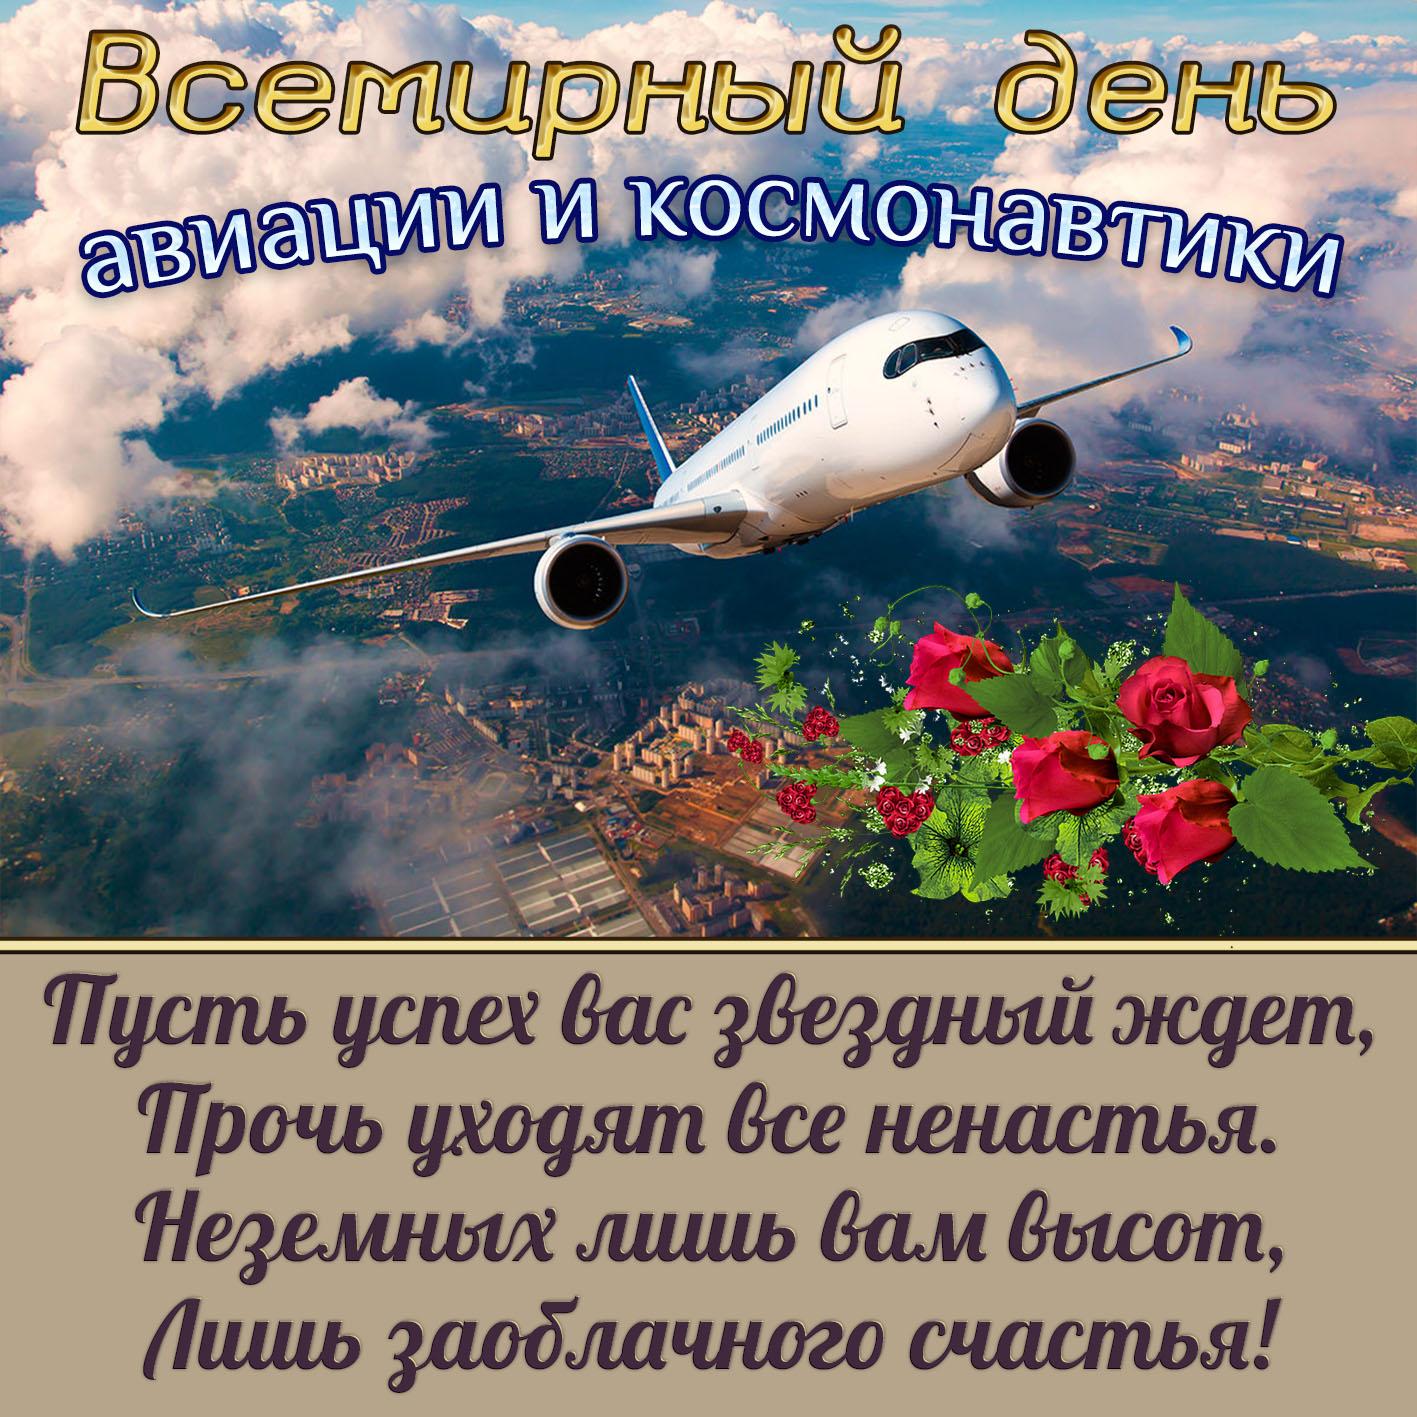 Картинка с самолётом на День авиации